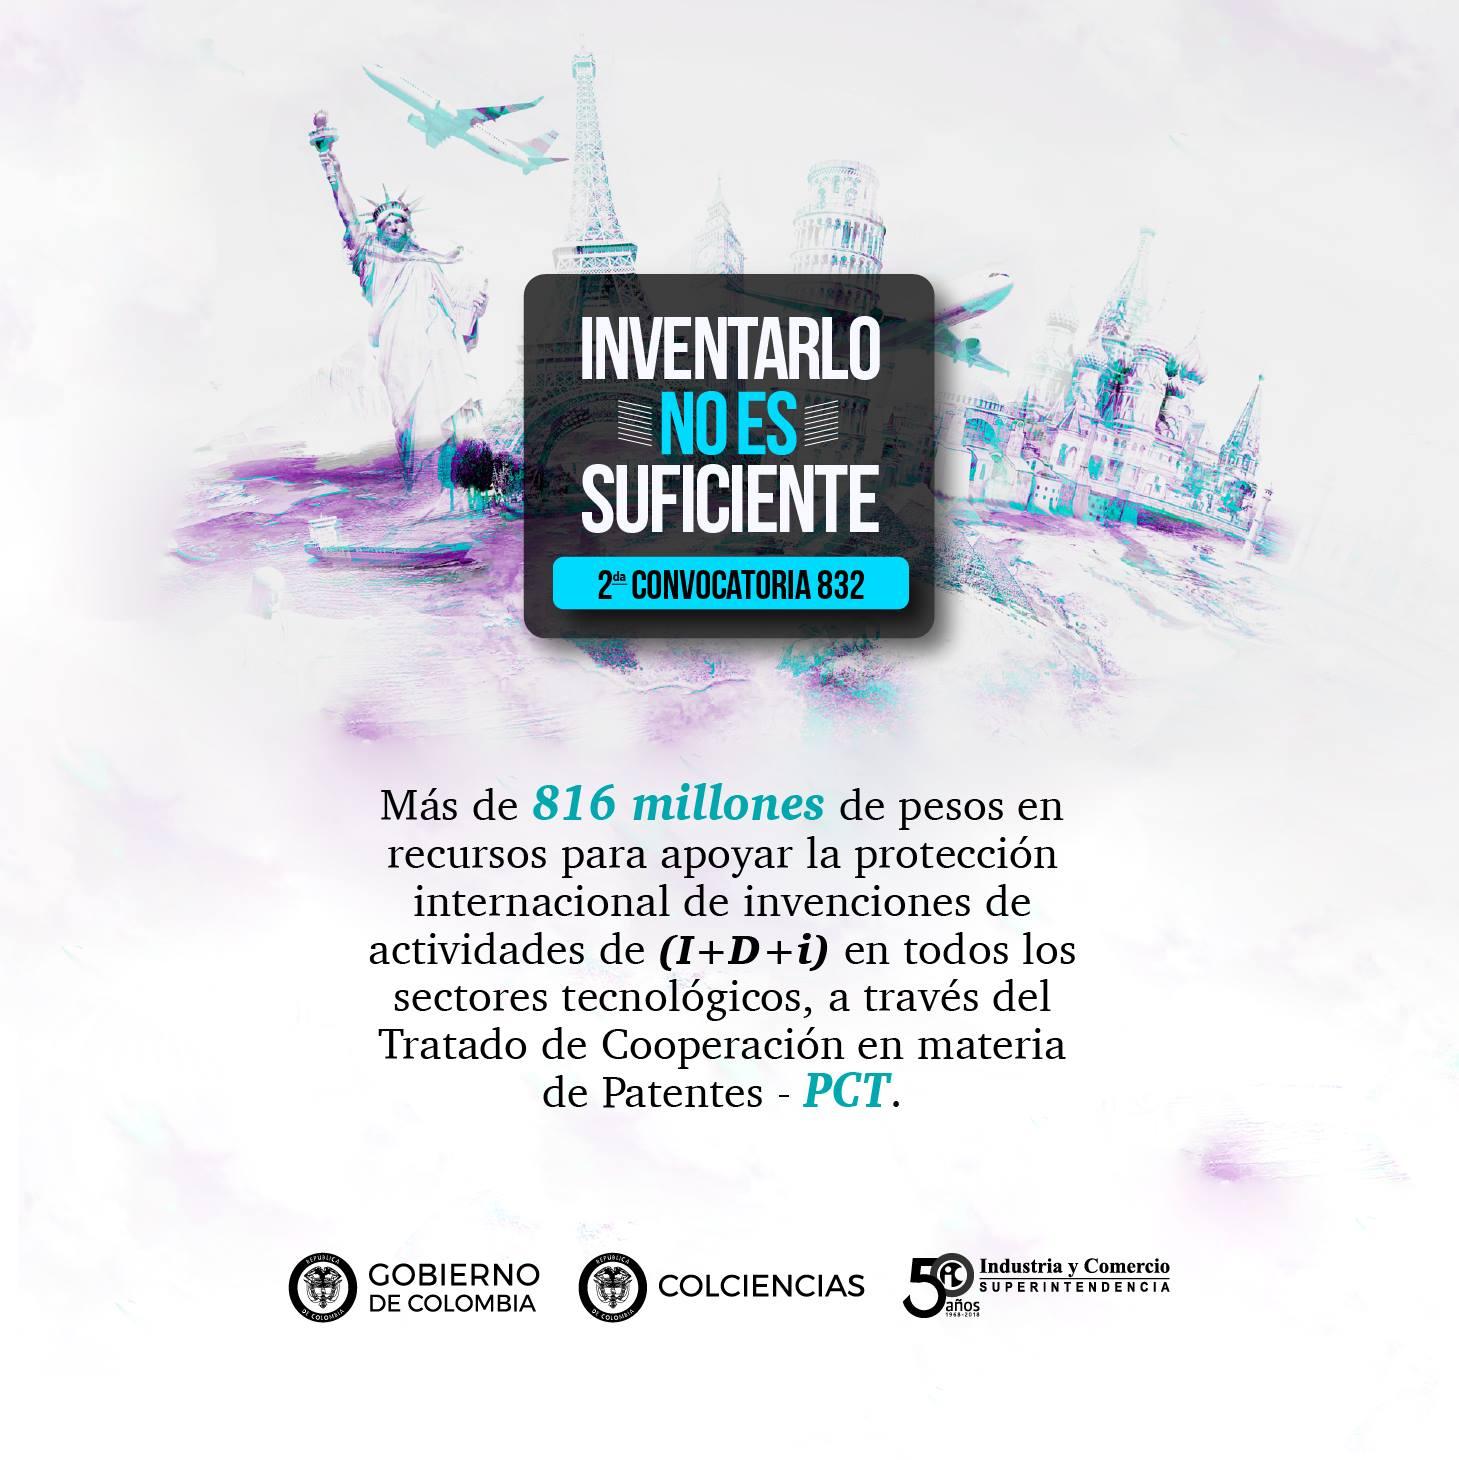 Convocatoria 832 (segunda convocatoria para apoyar la internacionalización de patentes colombianas vía PCT) de Colciencias